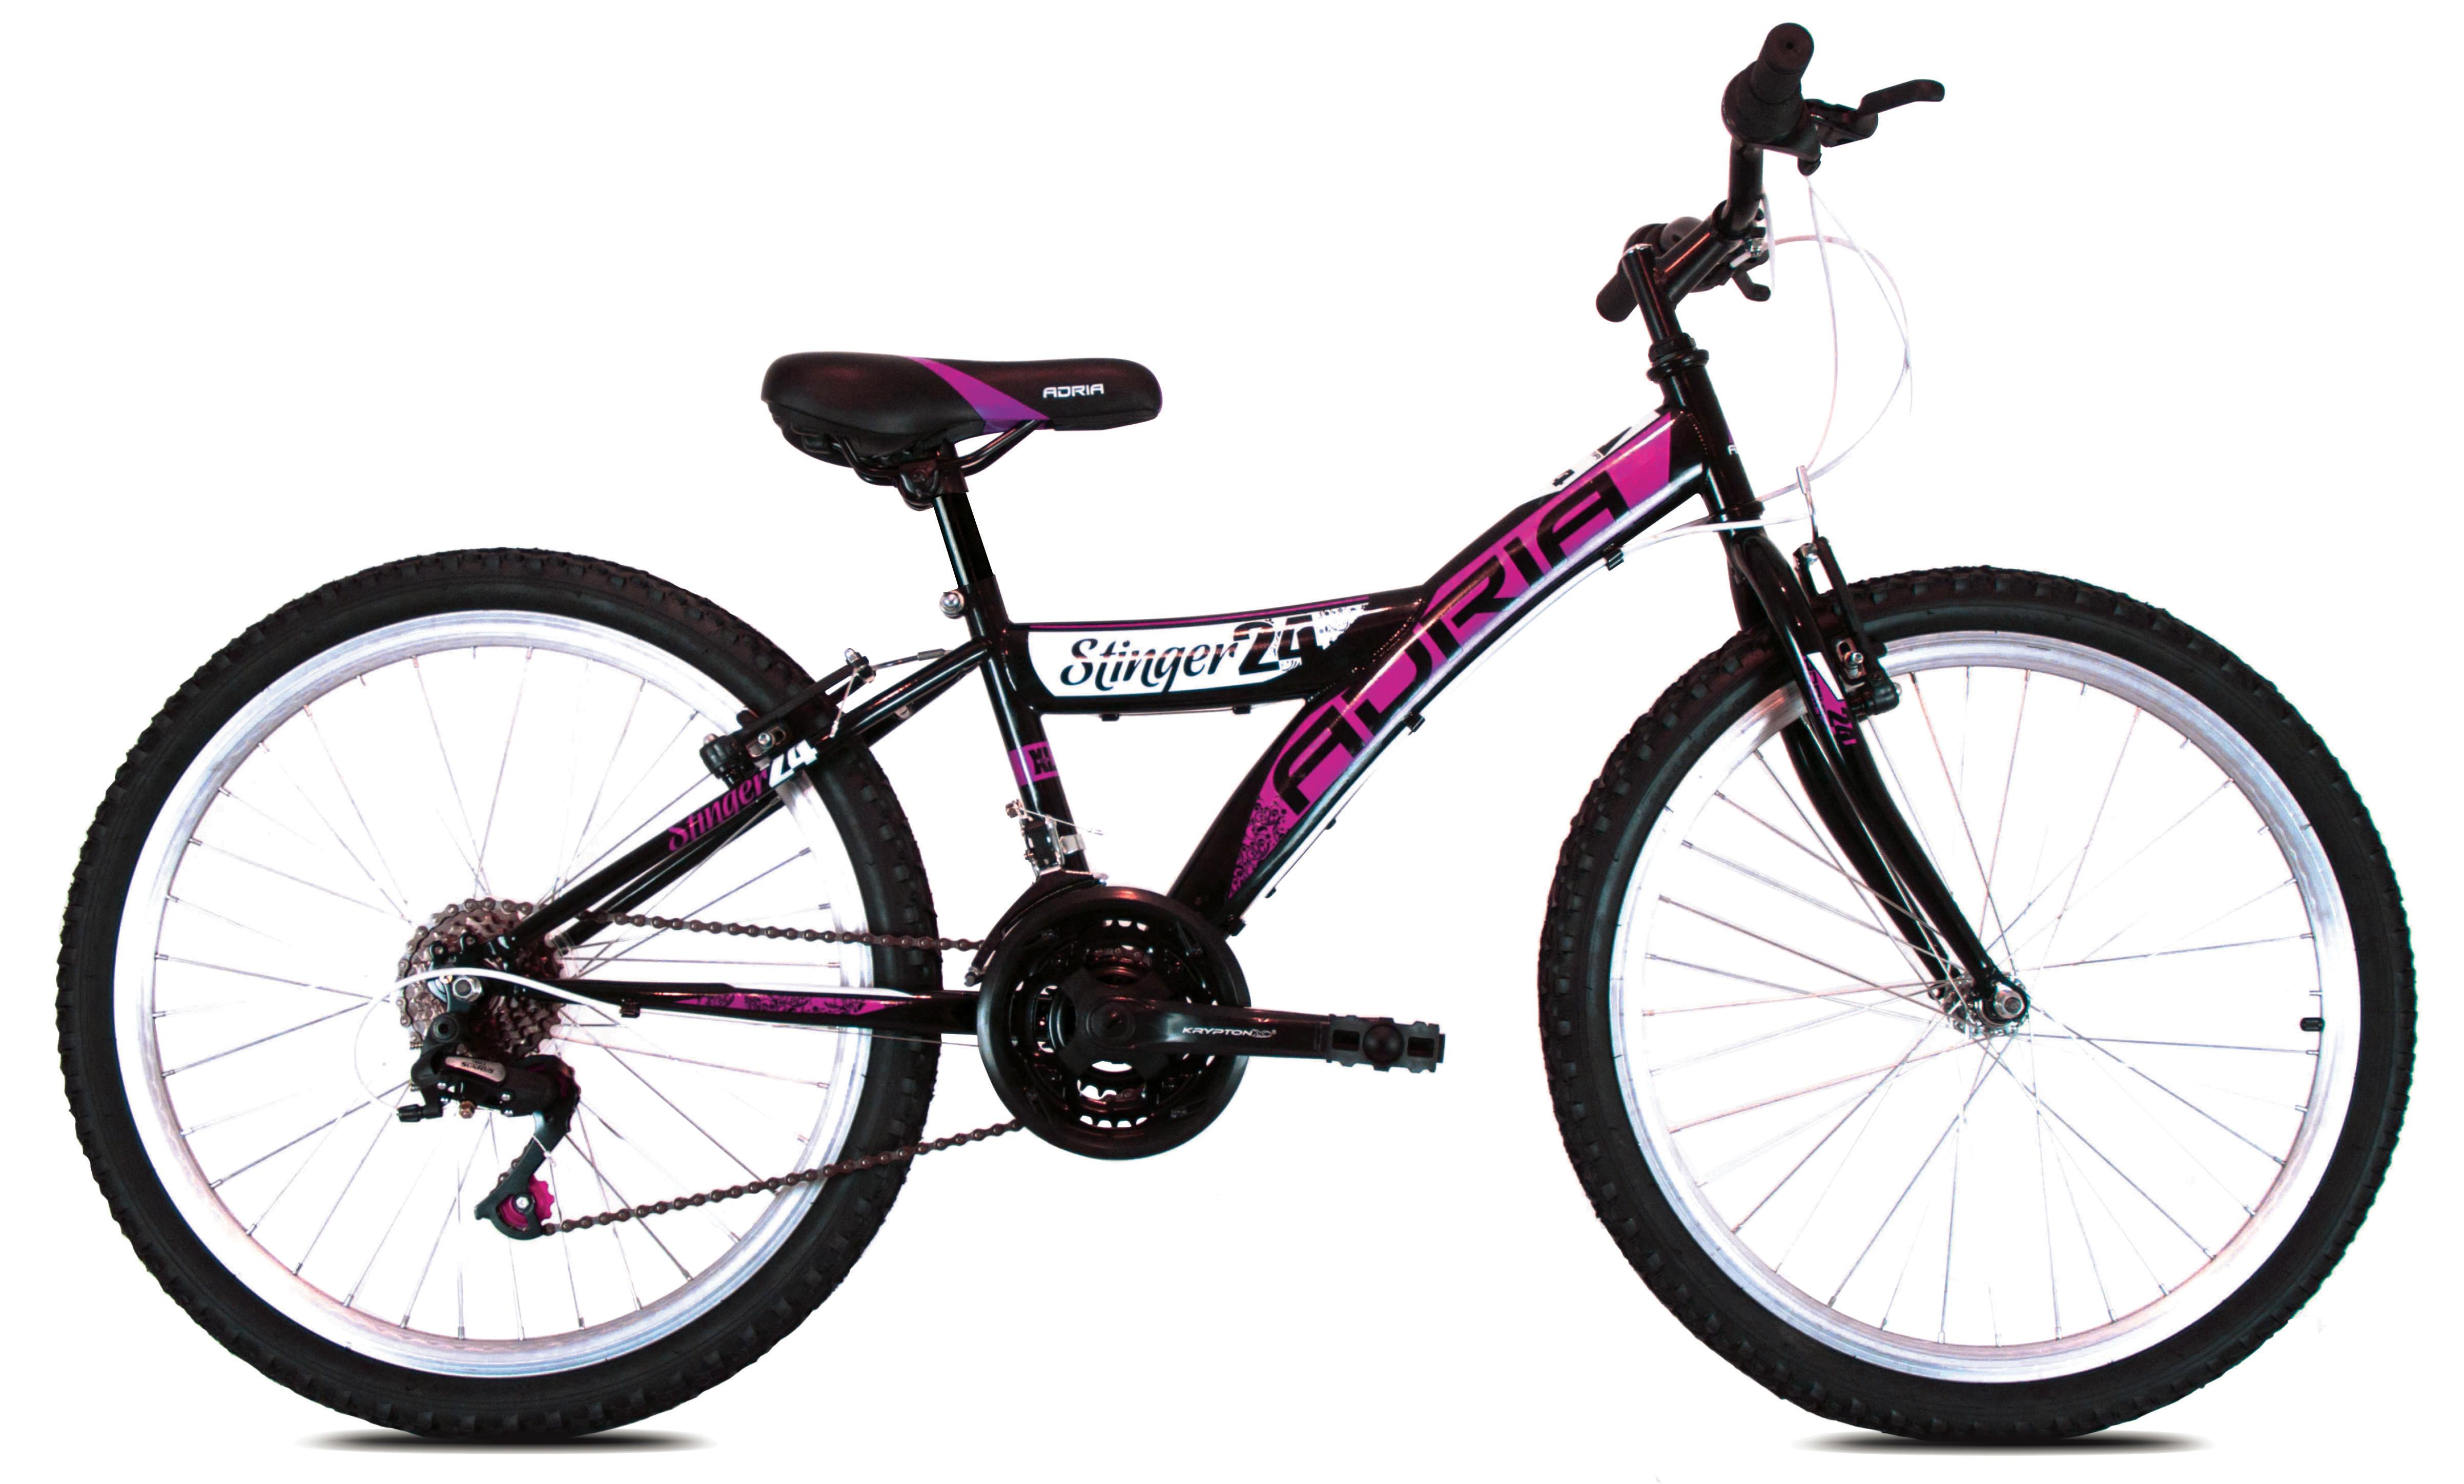 bicikl-adria-stiger-24-crno-pink